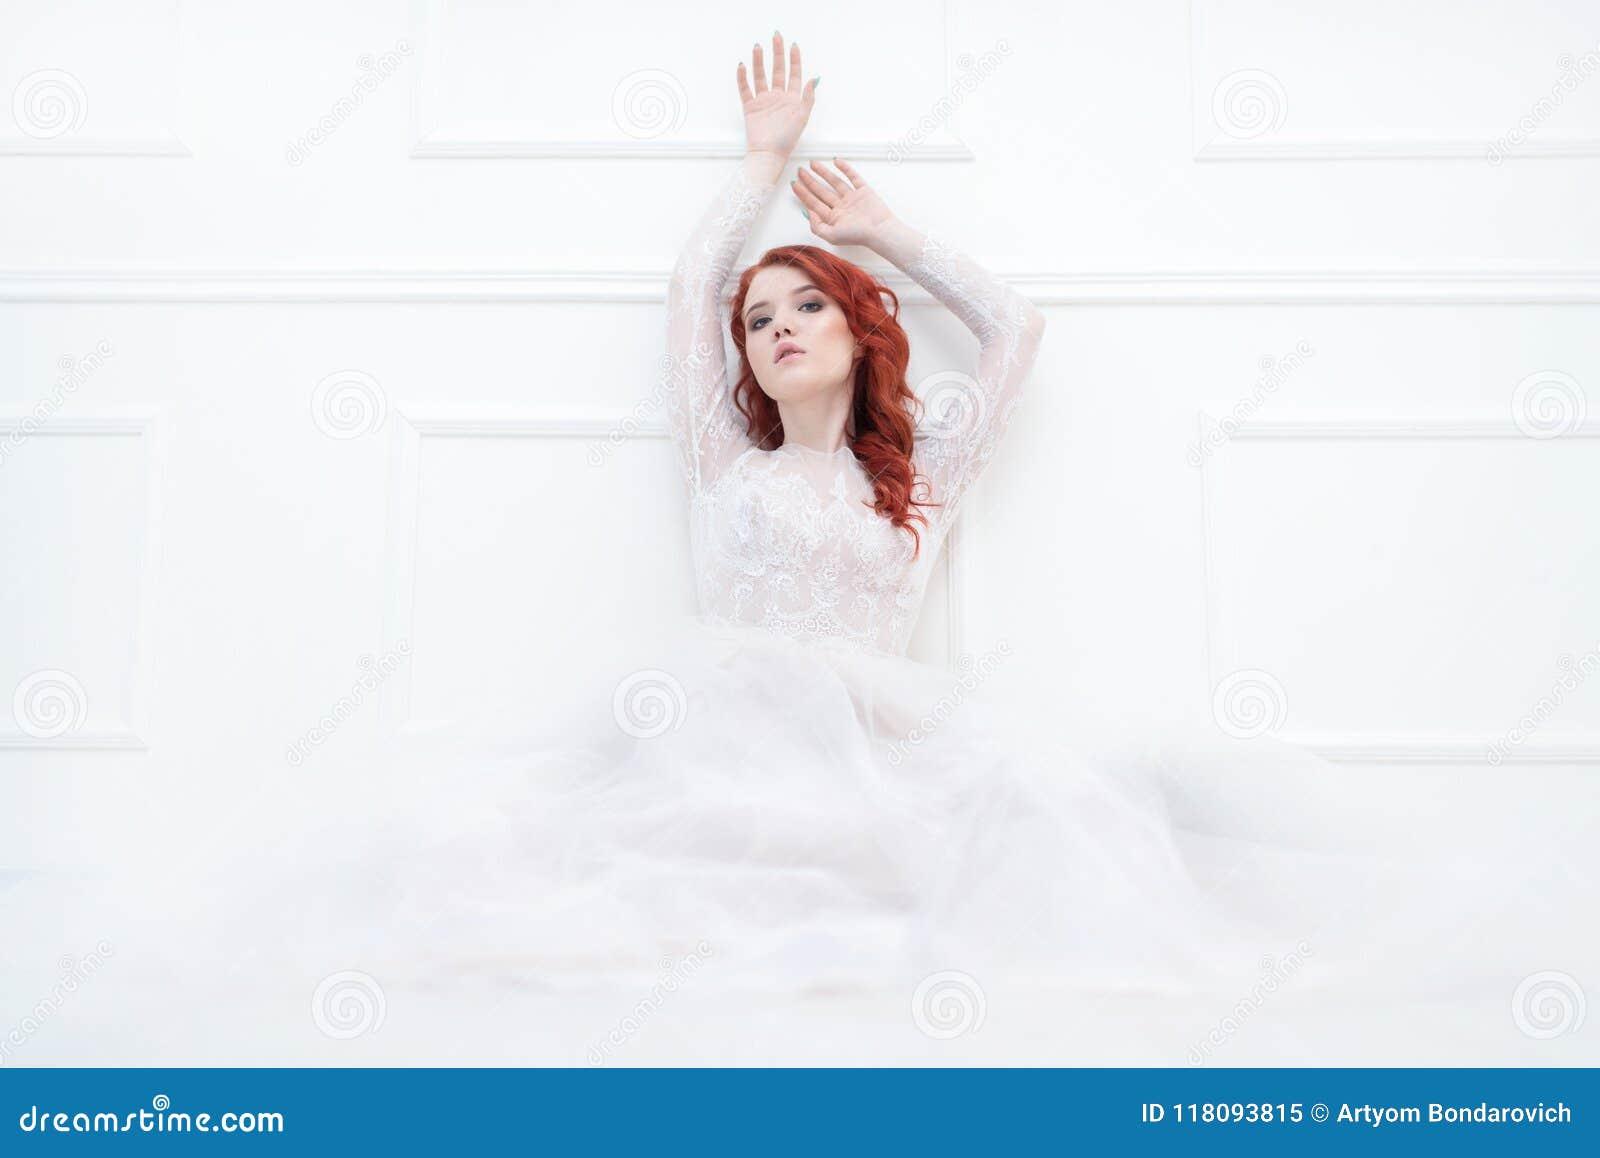 Teder retro portret van een jonge mooie dromerige roodharigevrouw in mooie witte kleding